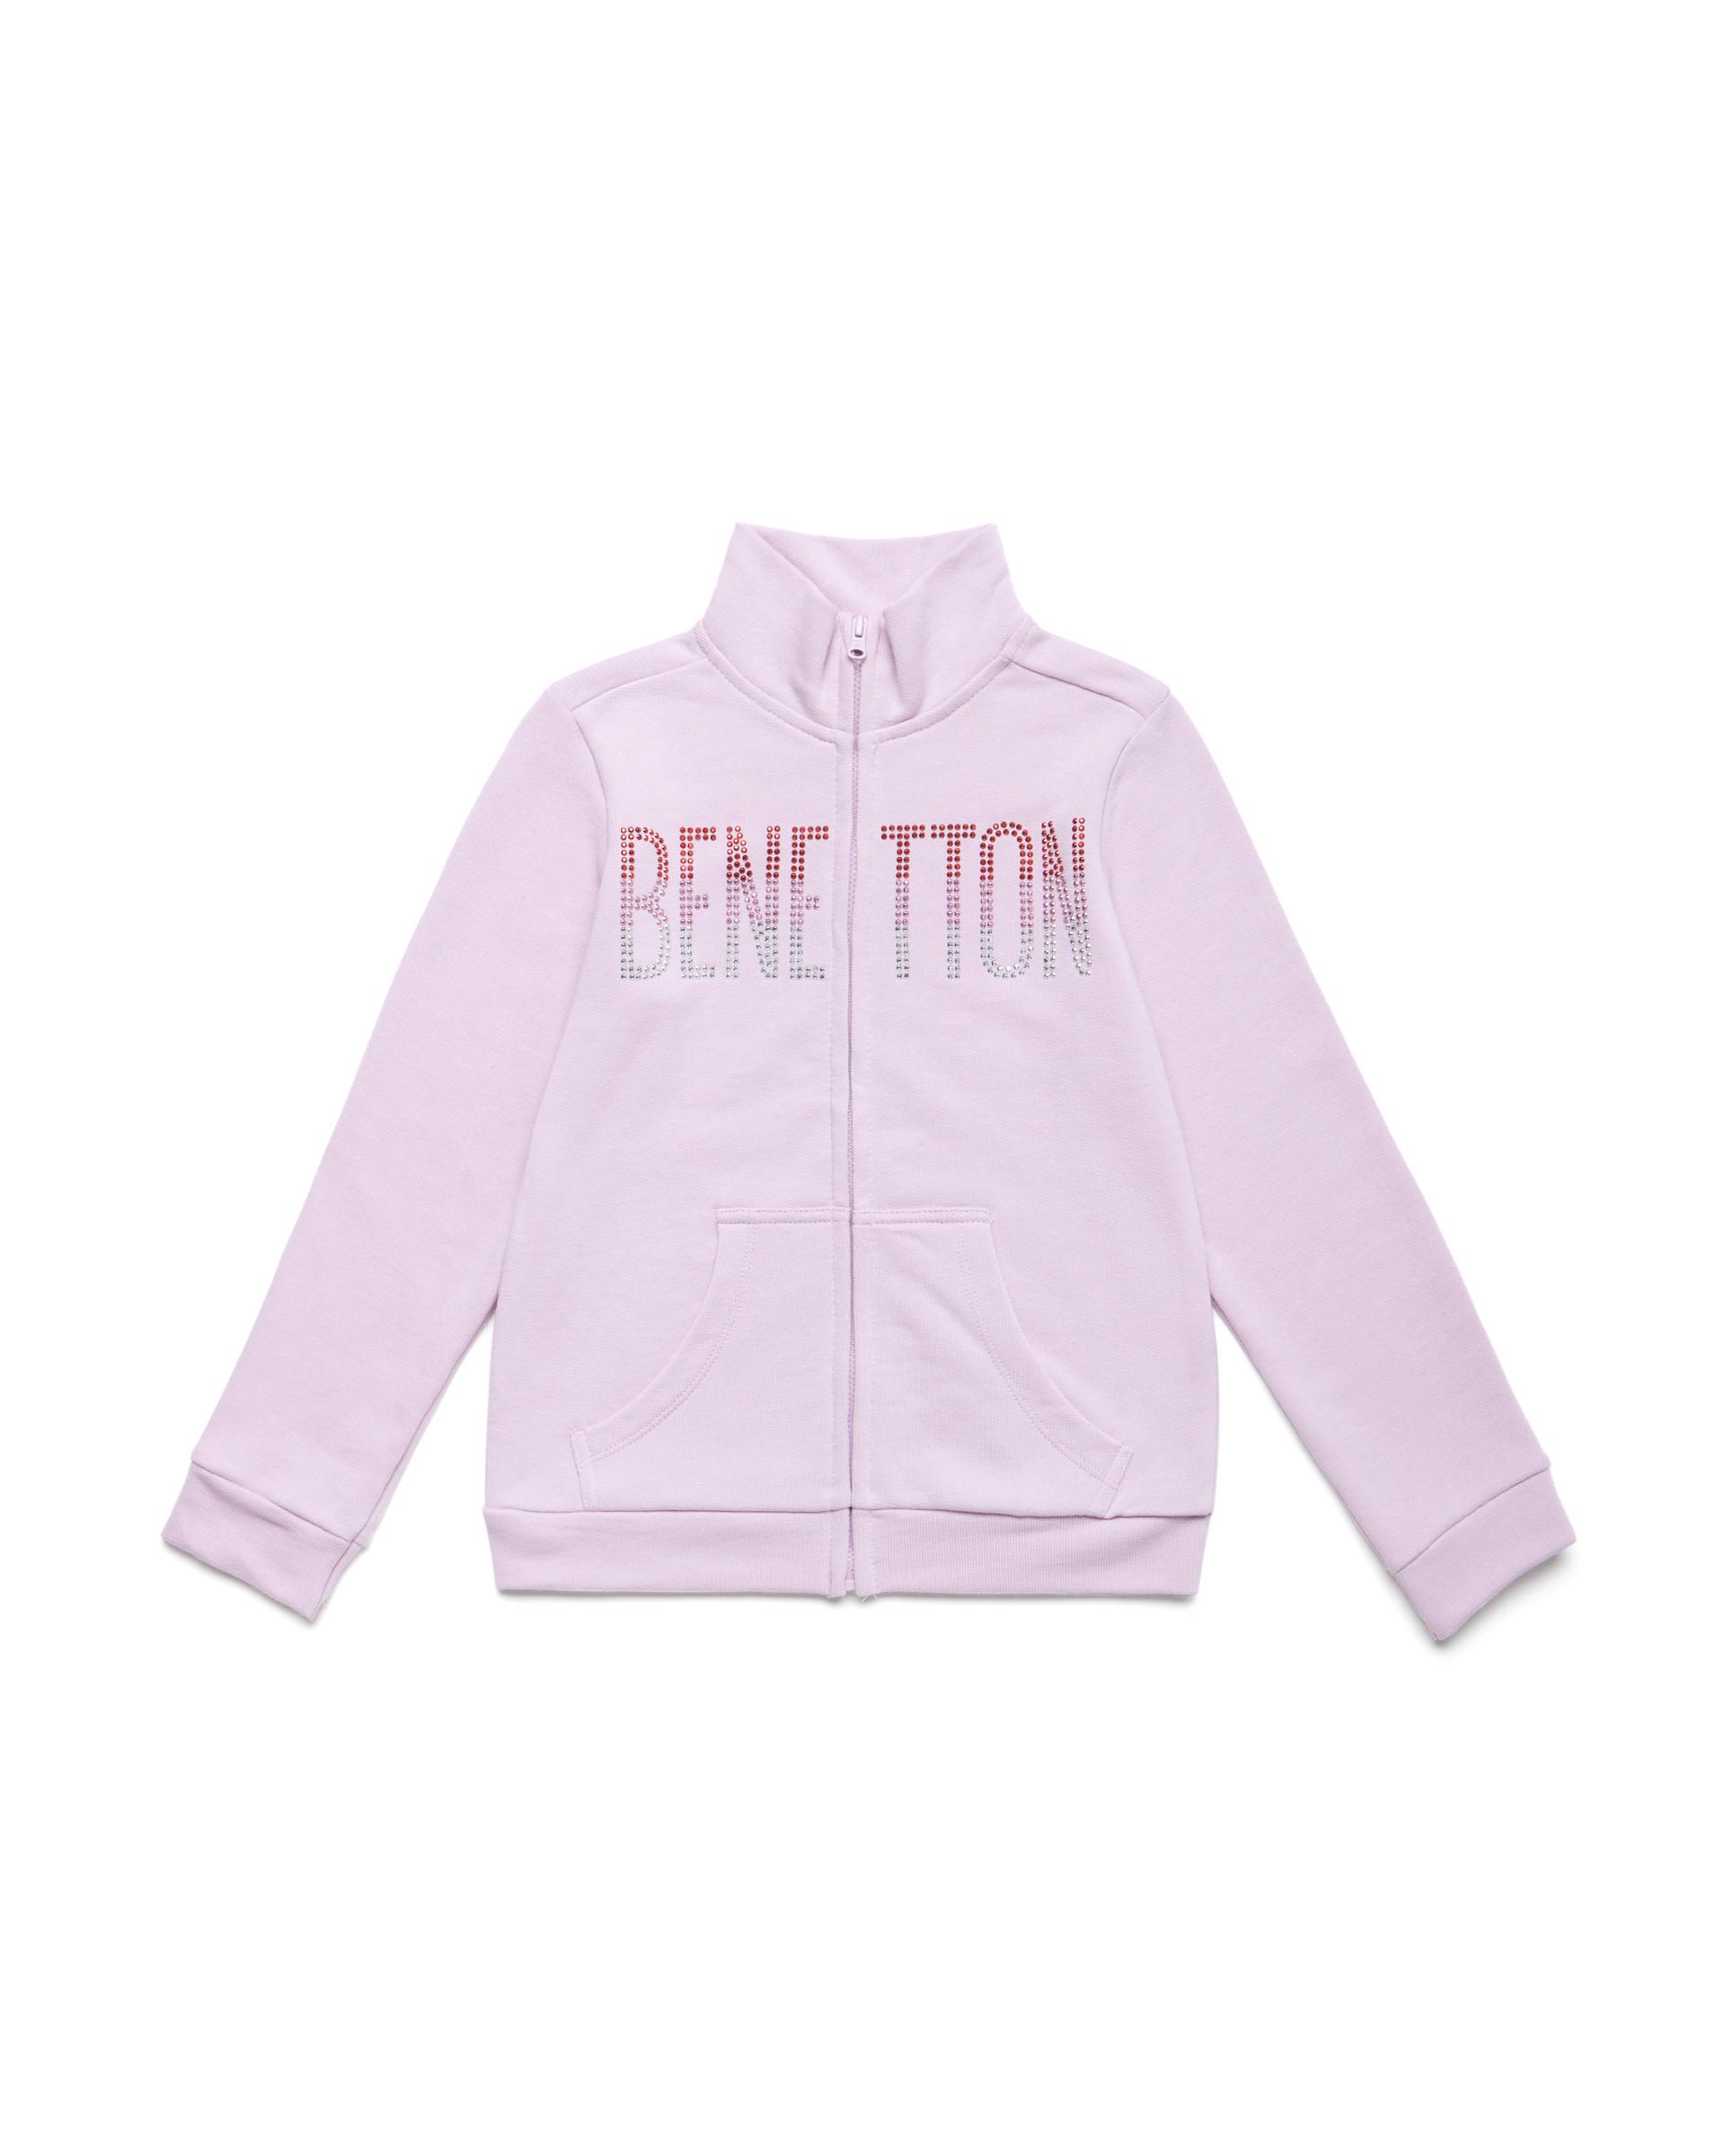 Купить 20P_3J68C5793_07M, Толстовка для девочек Benetton 3J68C5793_07M р-р 110, United Colors of Benetton, Толстовки для девочек